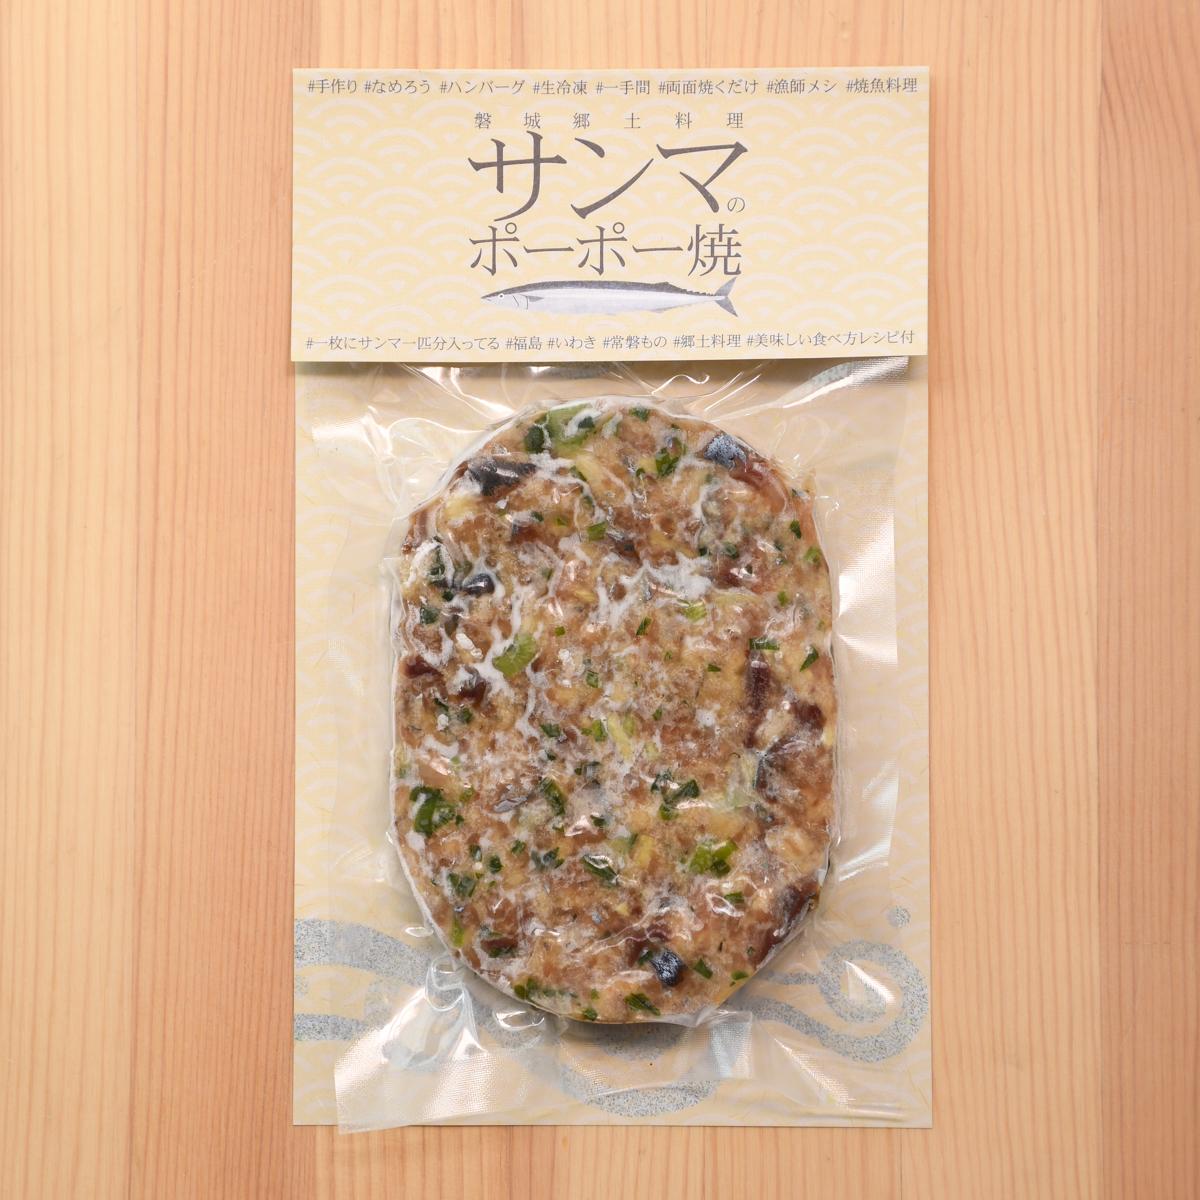 福や謹製 福島県いわき市の郷土料理サンマのポーポー焼